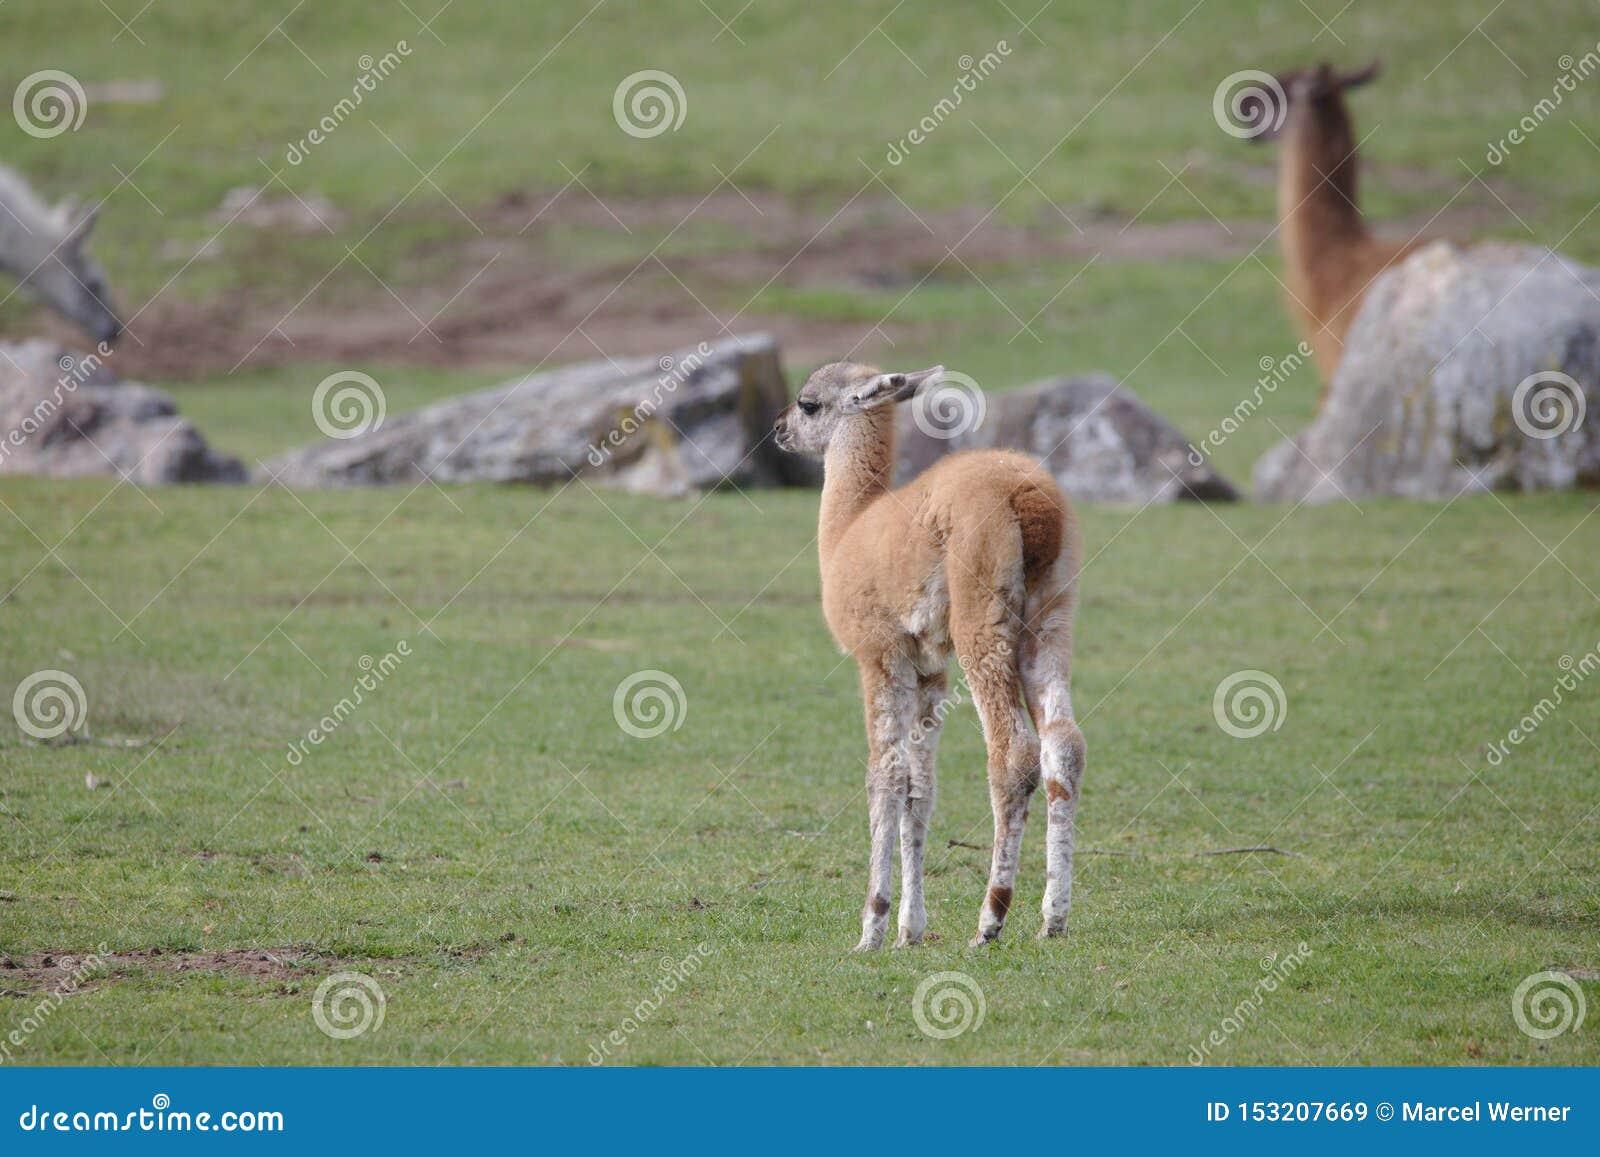 Gulligt ljust - brunt lamafölanseende på ett grönt fält